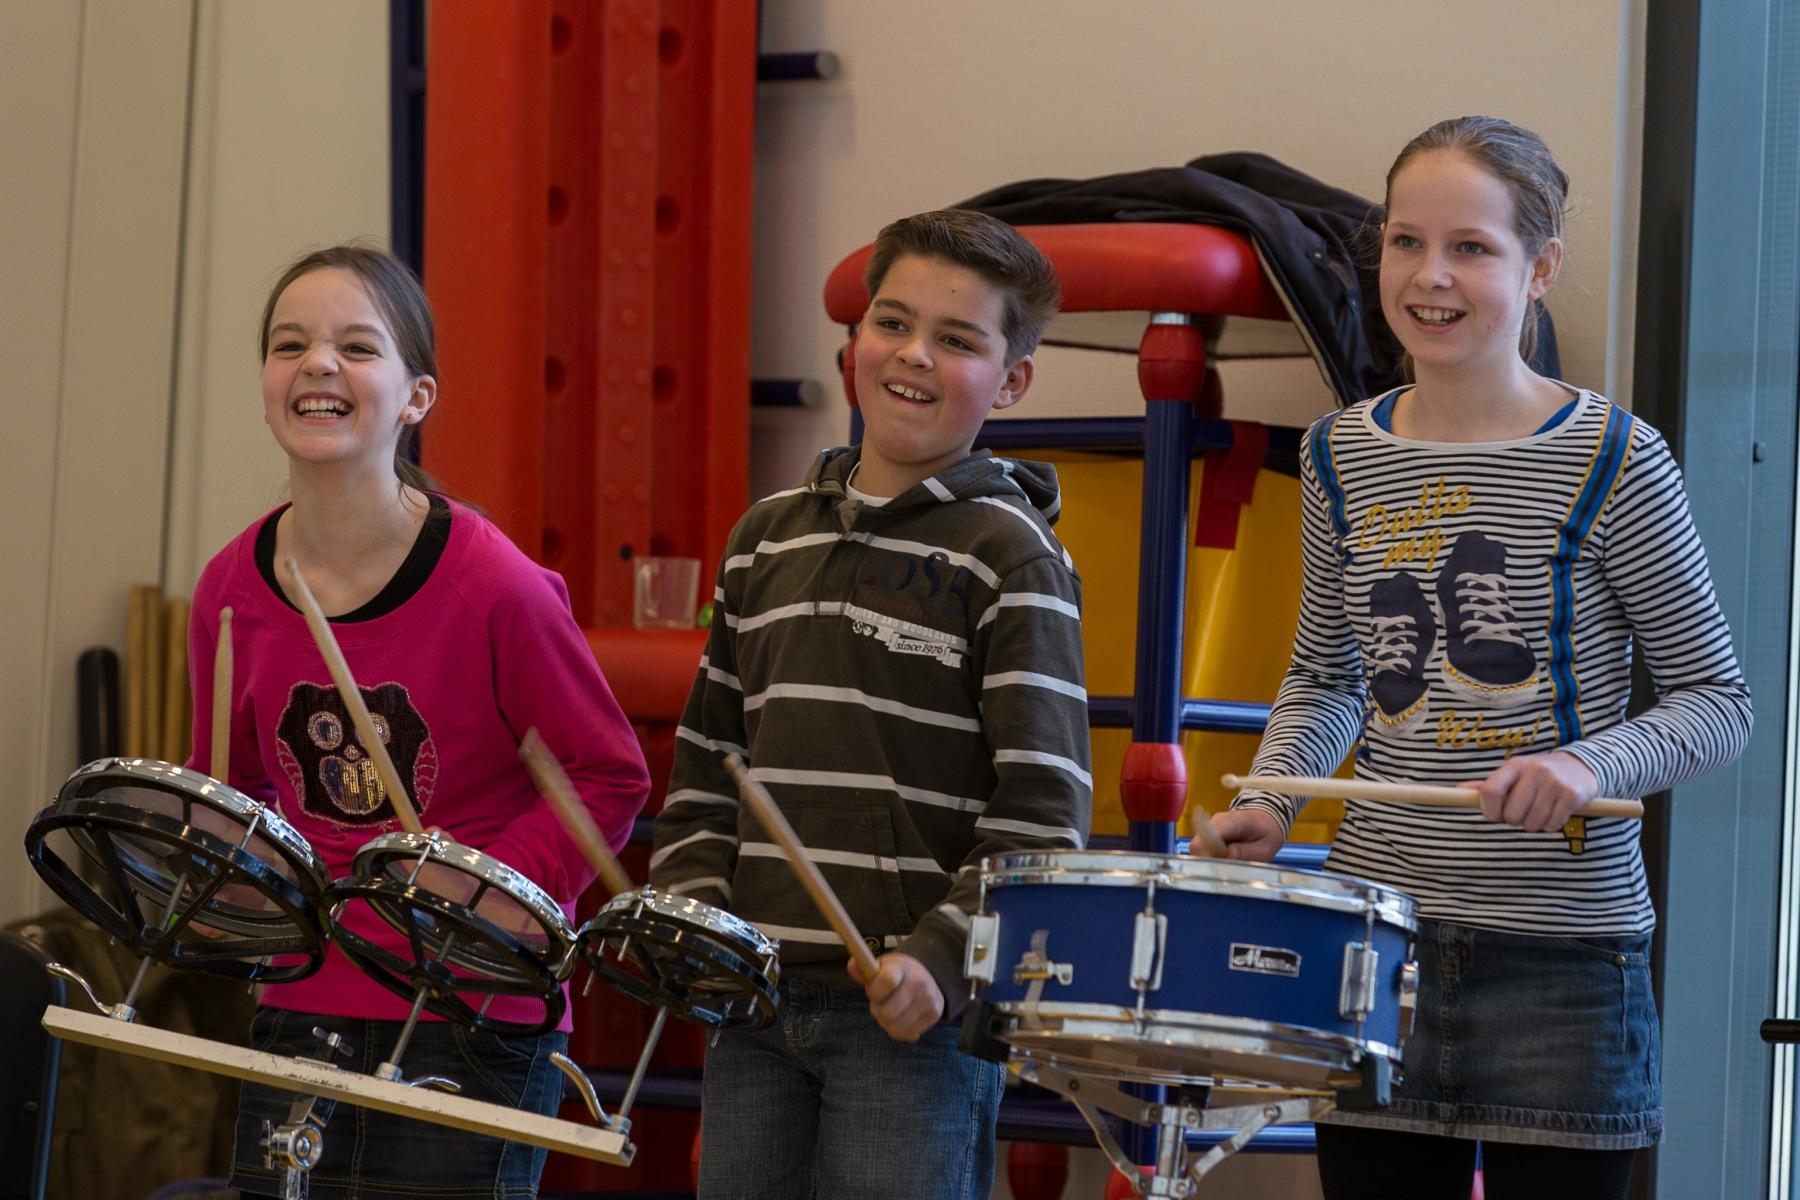 Op-zoek-naar-mooie-geluiden-2014-Veldhuizerschool-Ede-foto-René-Knoop-05